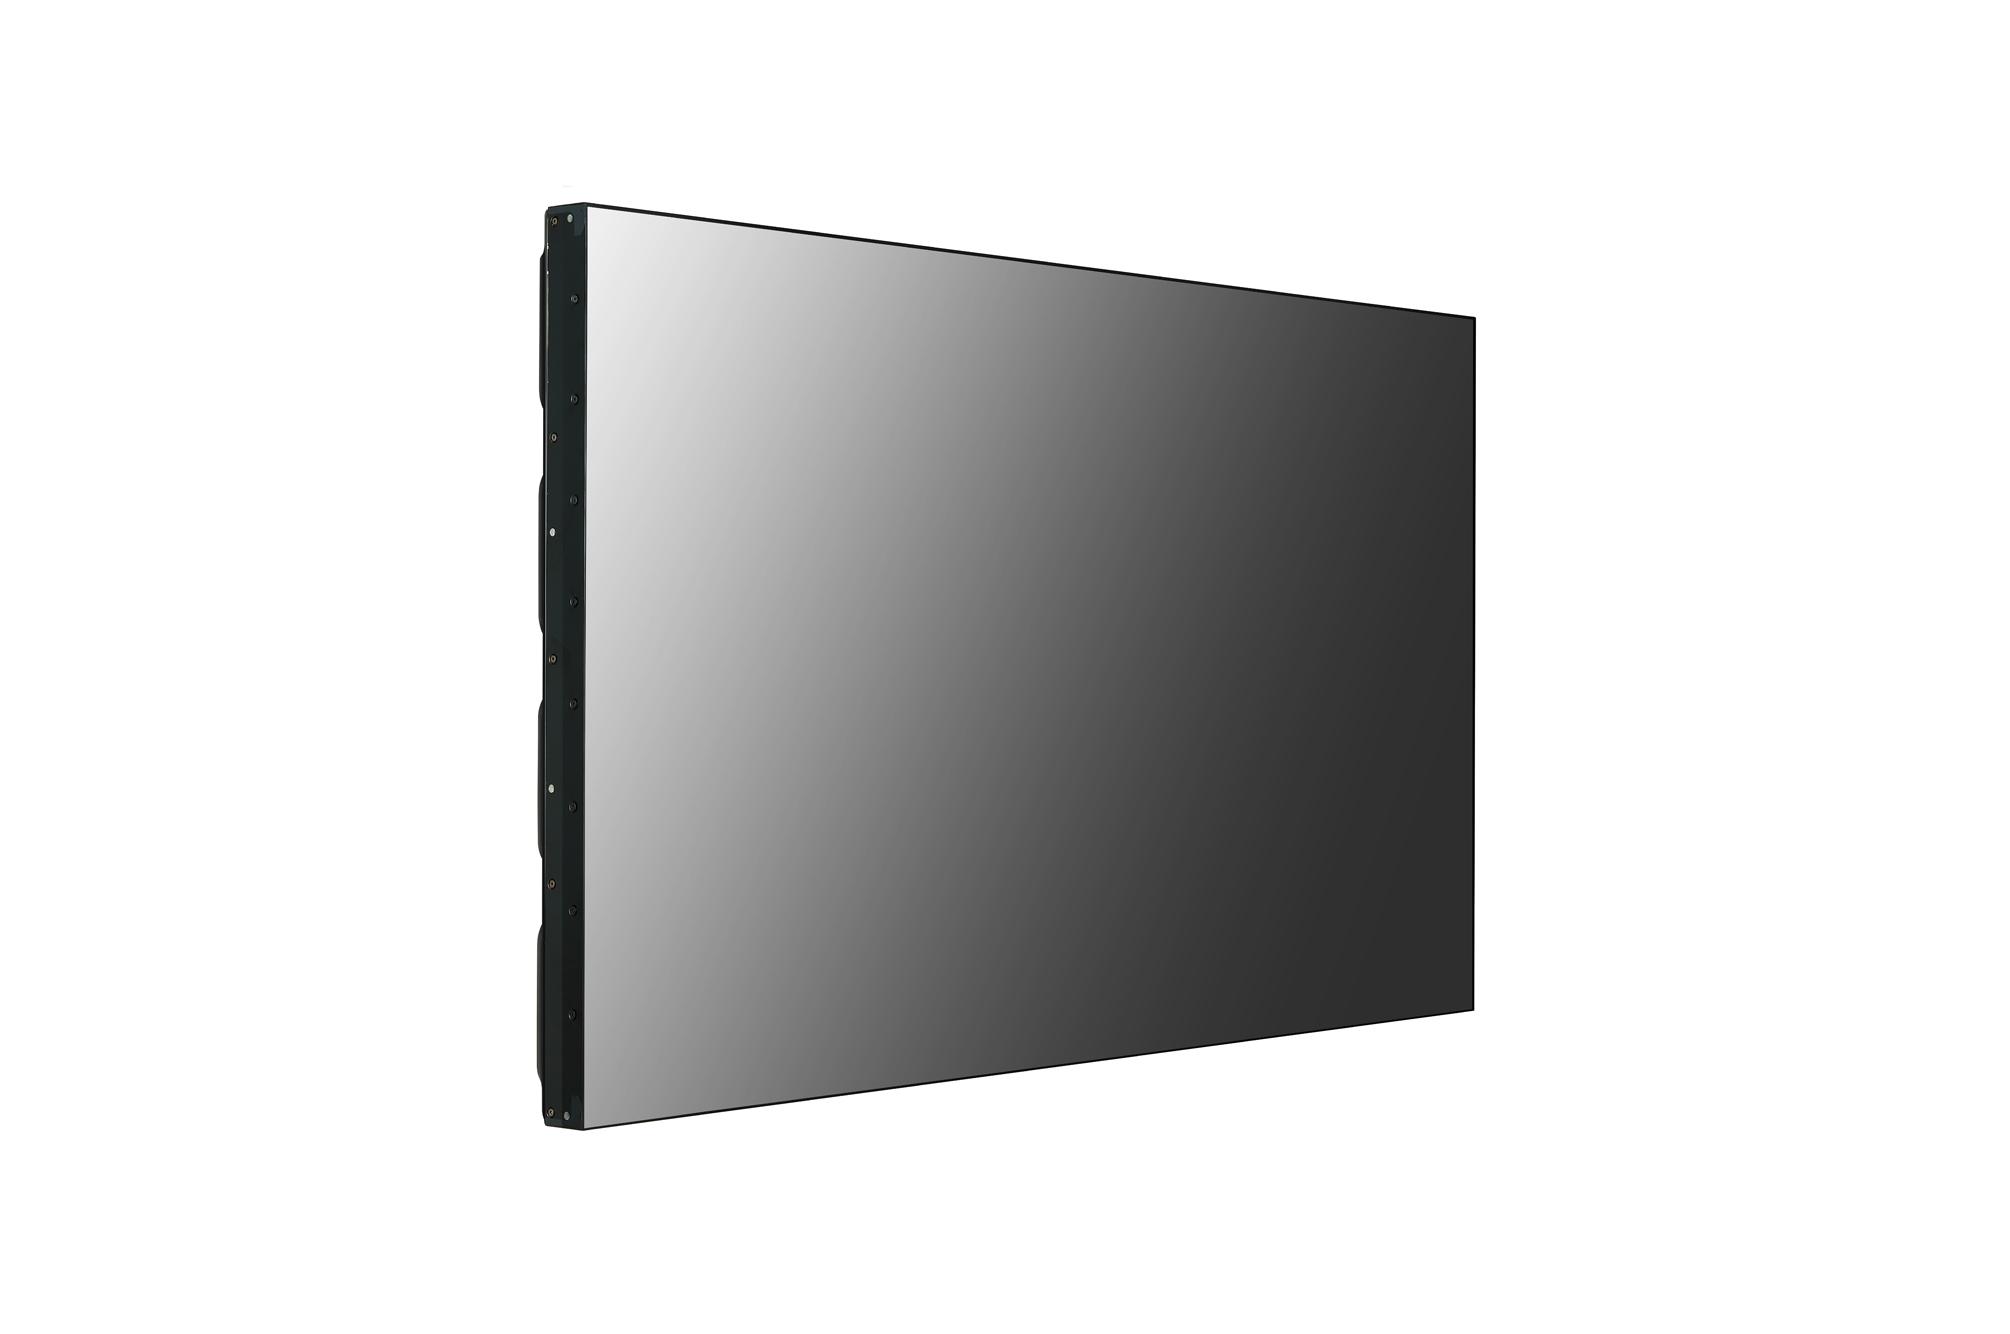 LG Video Wall 49VL7F-A 3